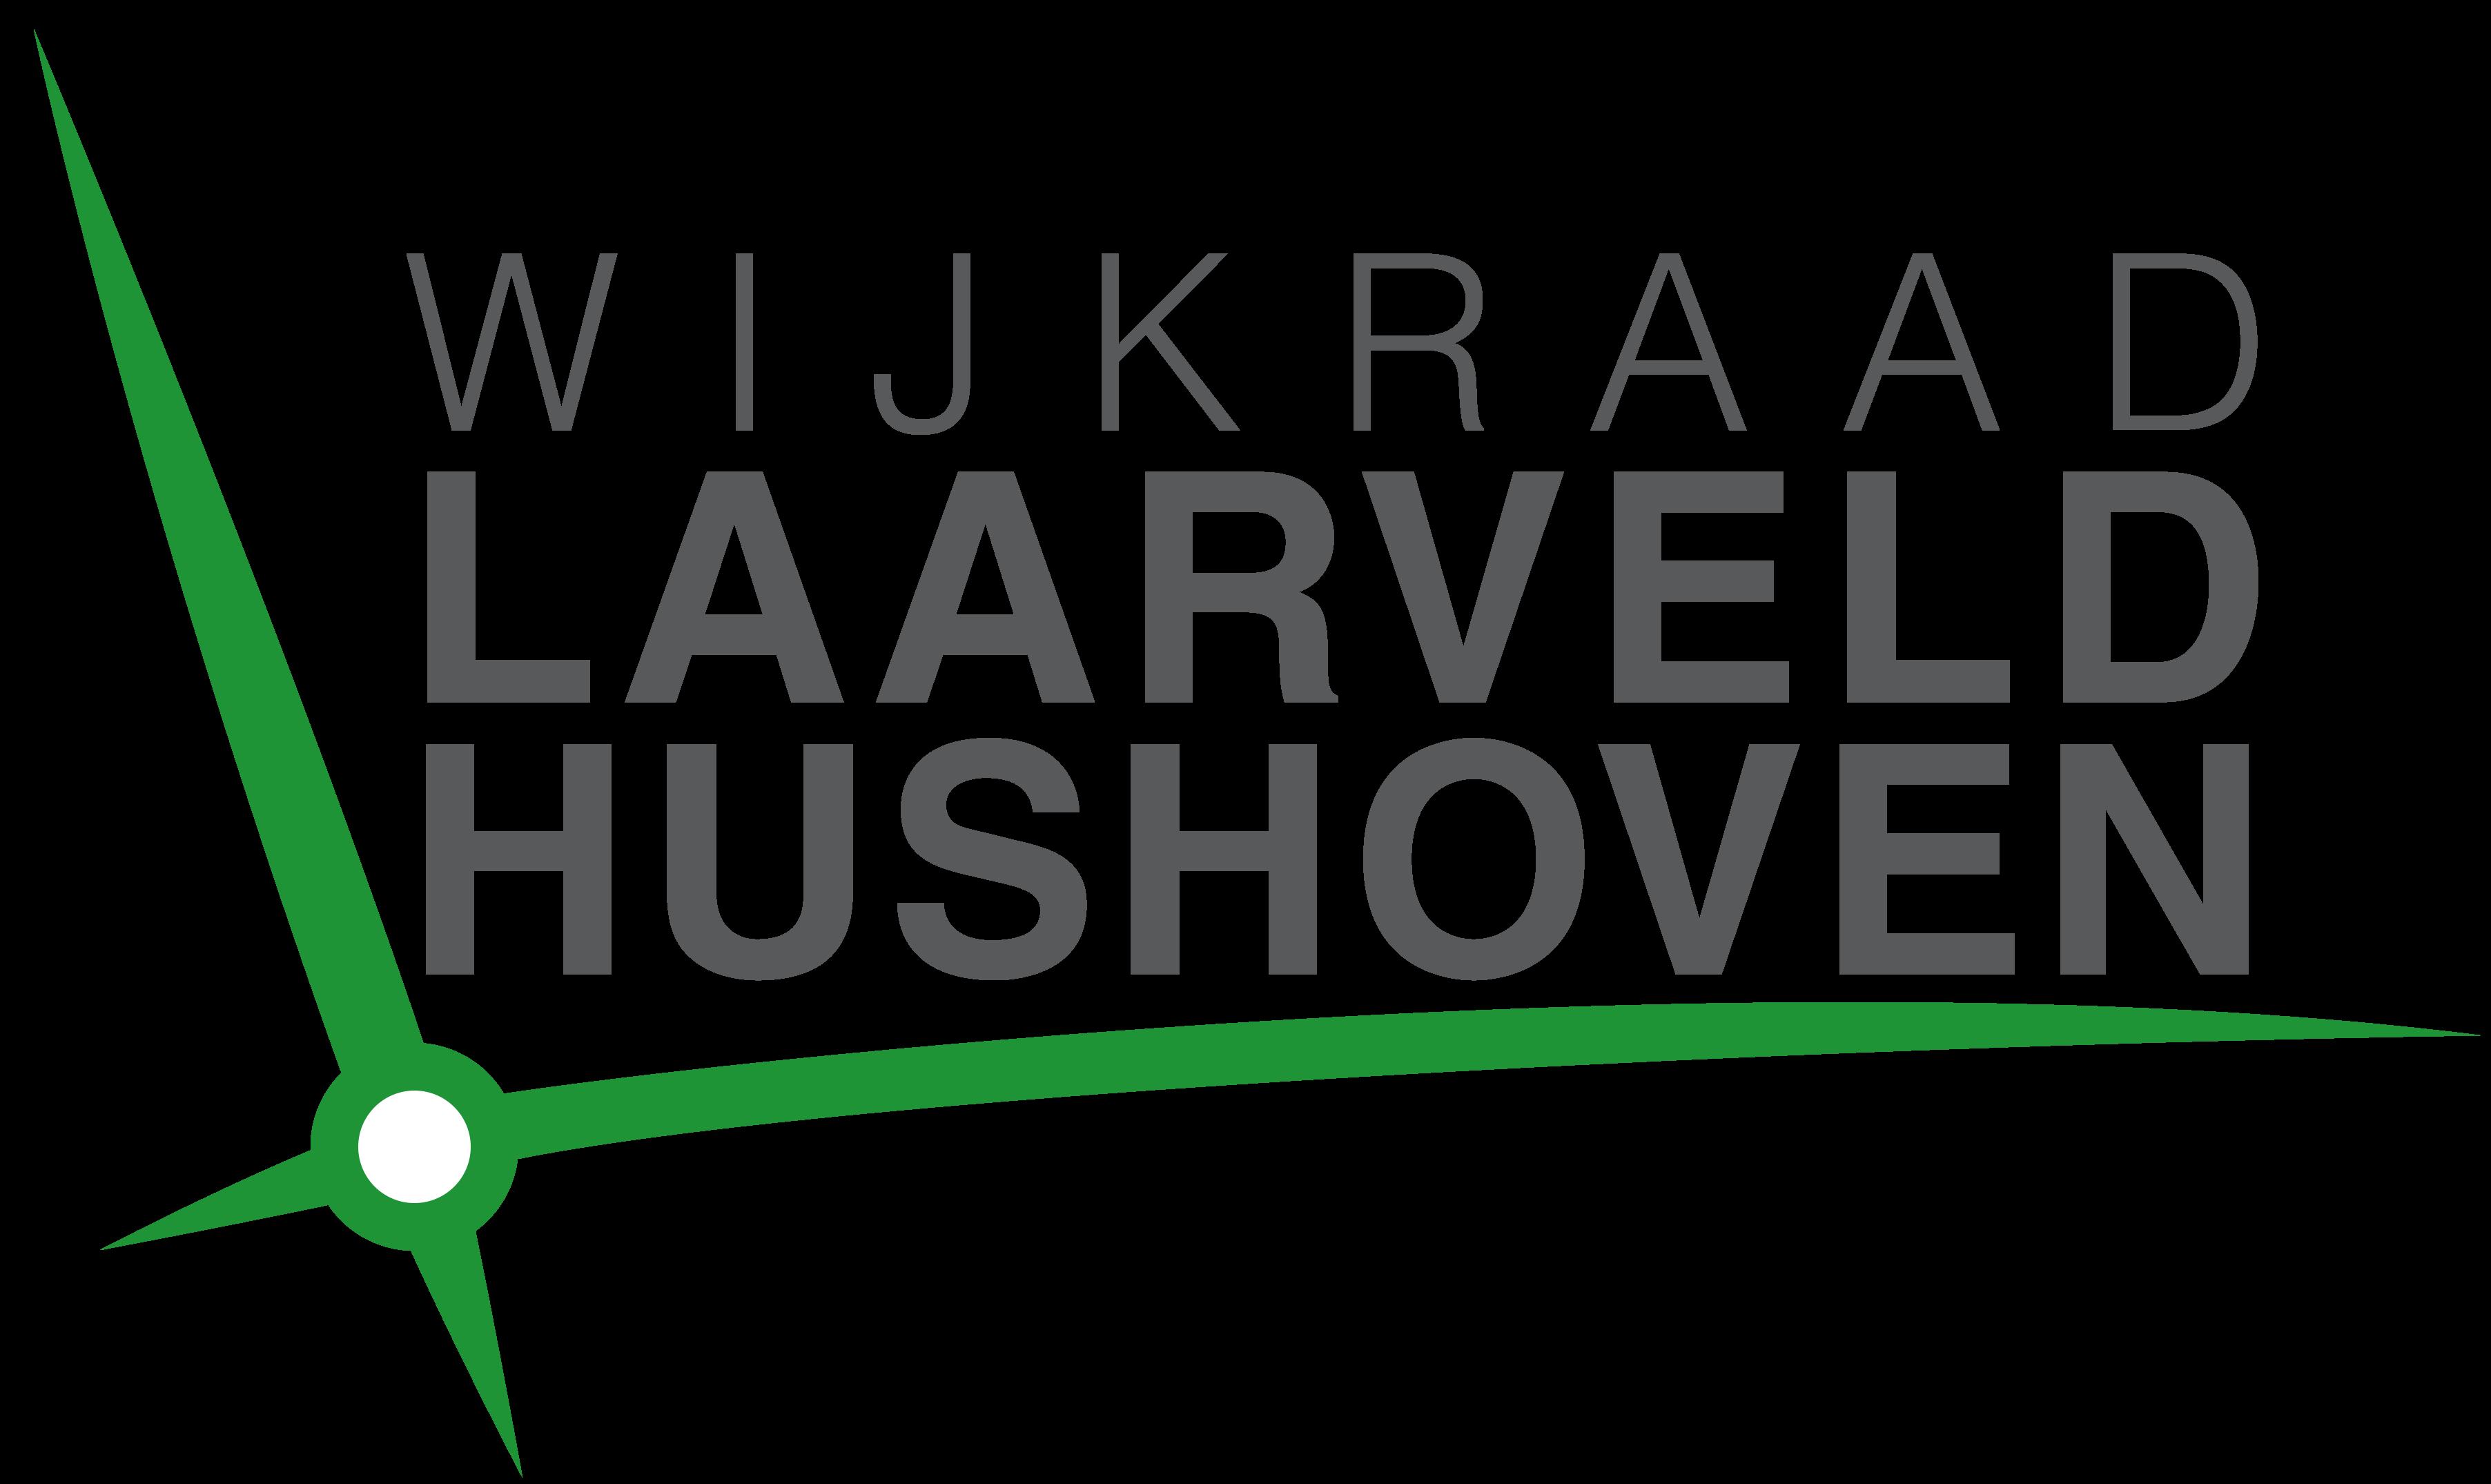 Wijkraad Laarveld-Hushoven